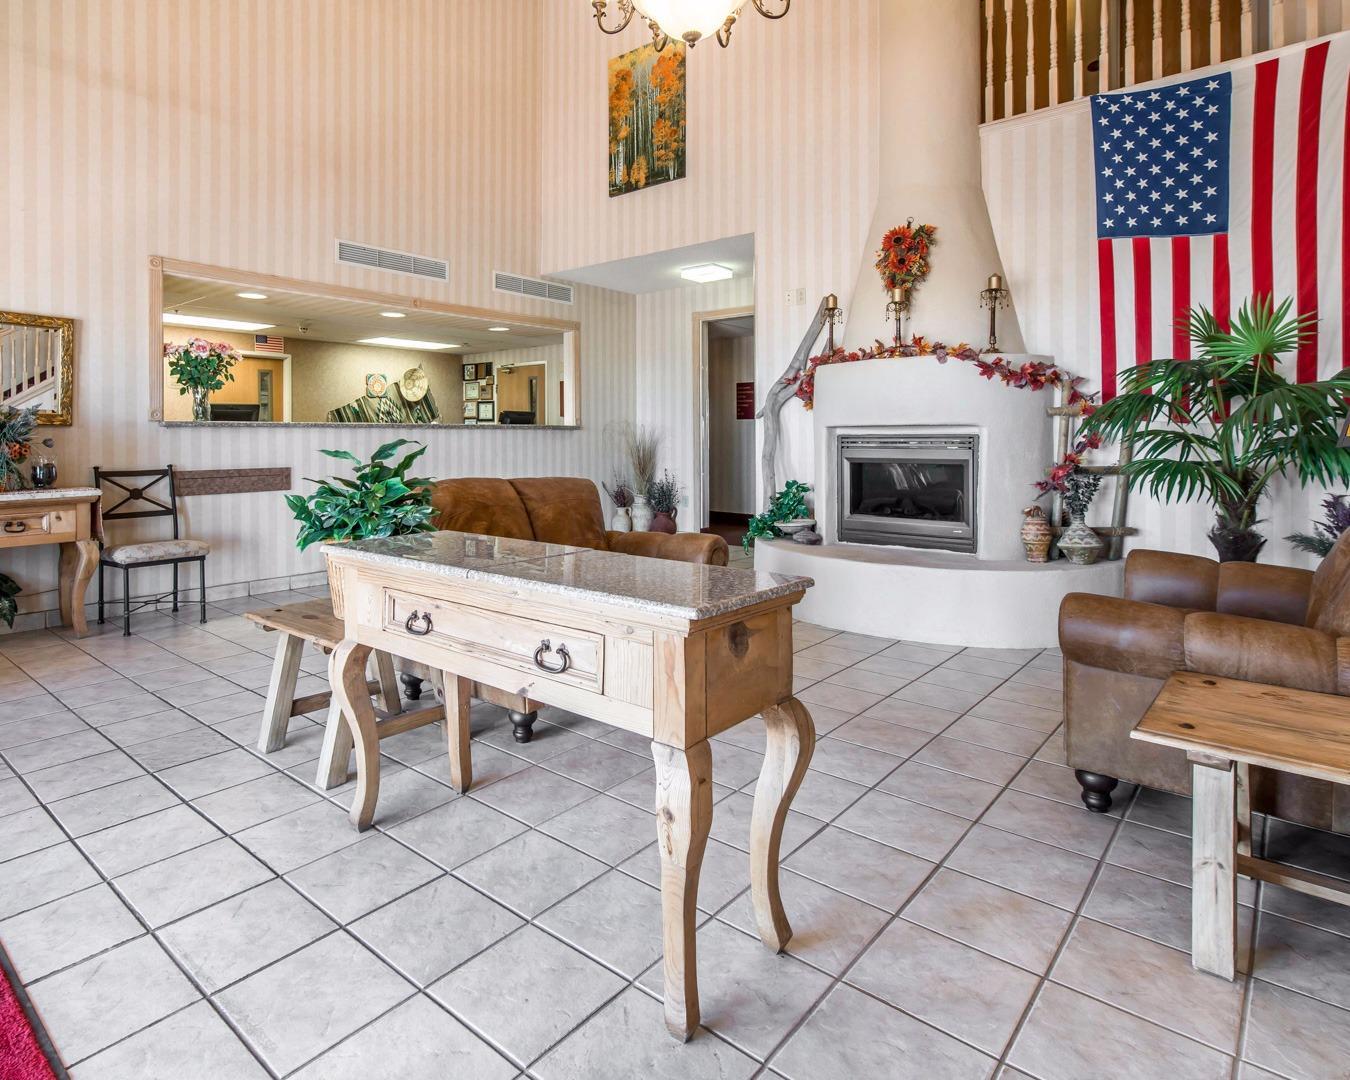 Econo Lodge West, Pueblo CO